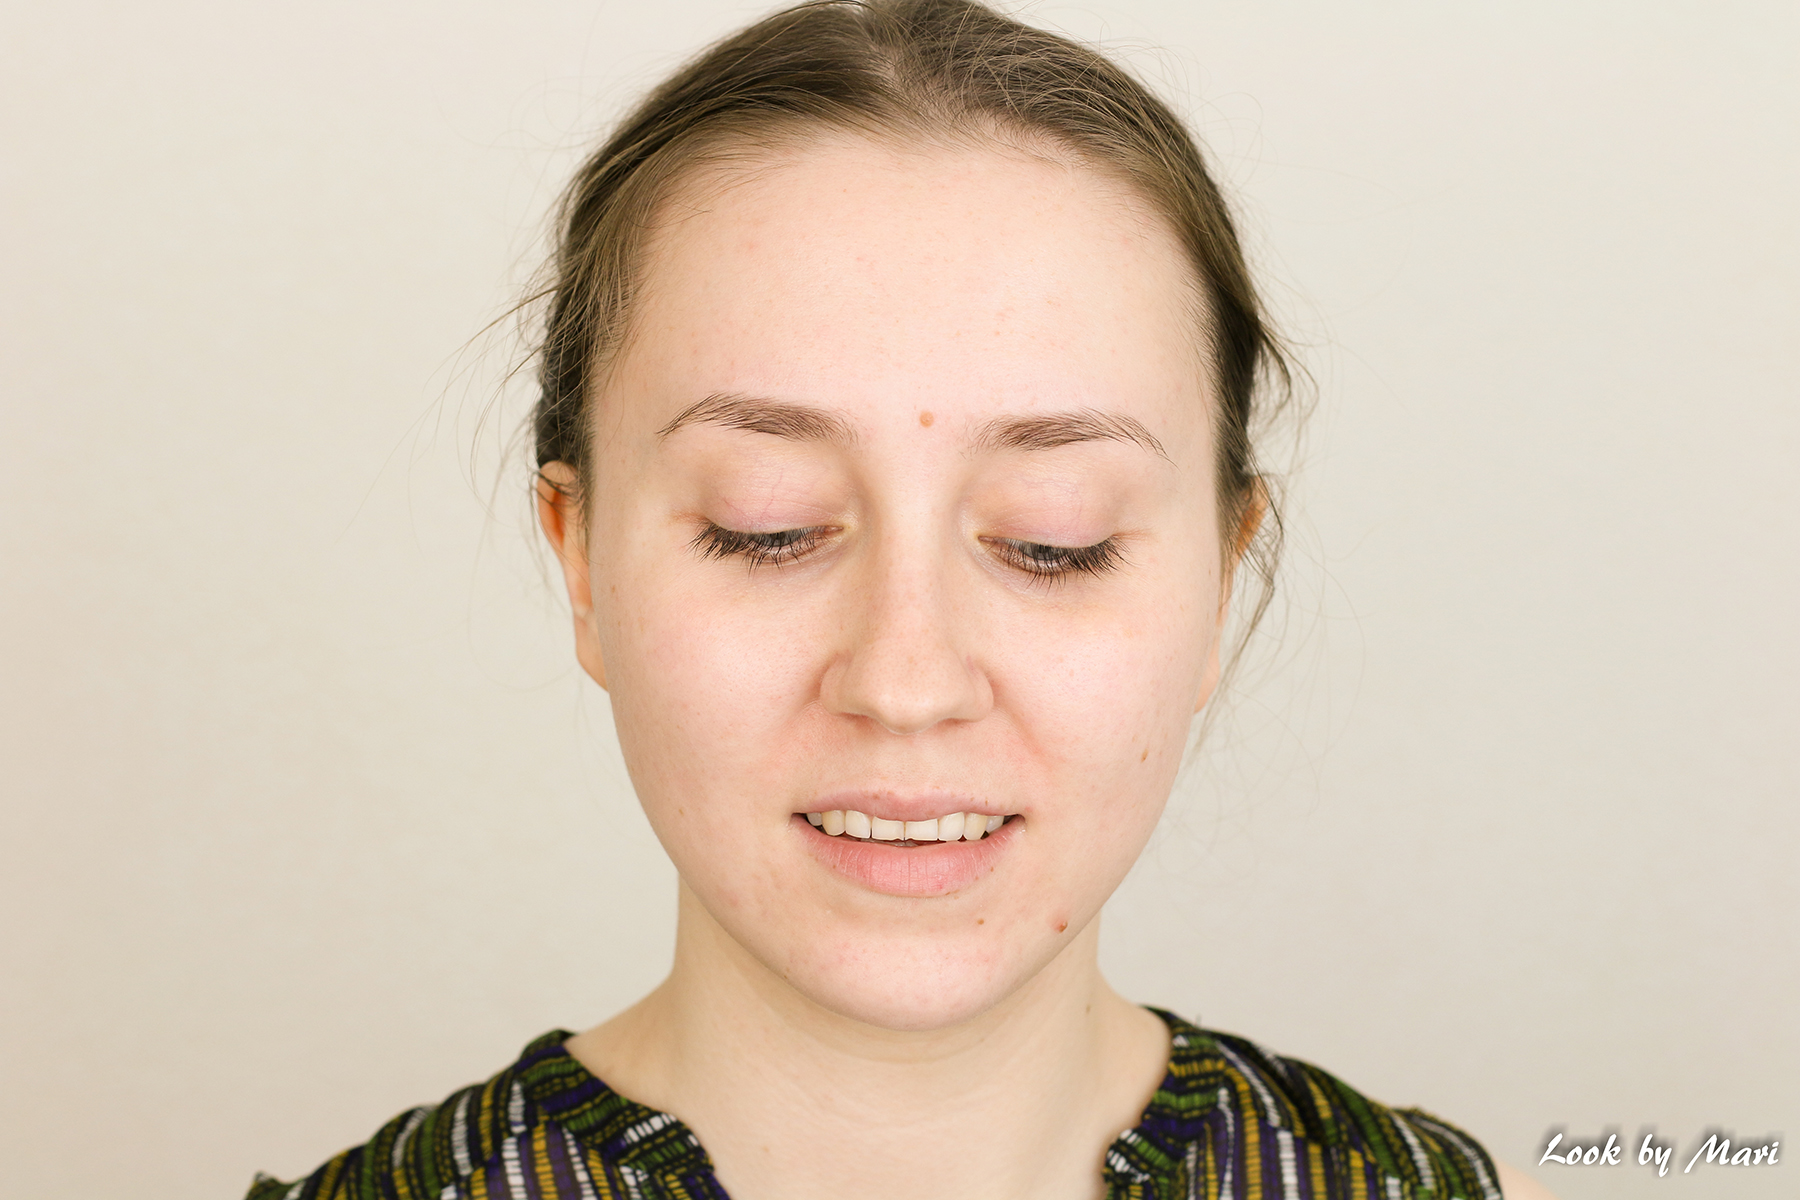 2 meikkipohja tutoriaali vinkit tips parhaat tuotteet kokemuksia blogi